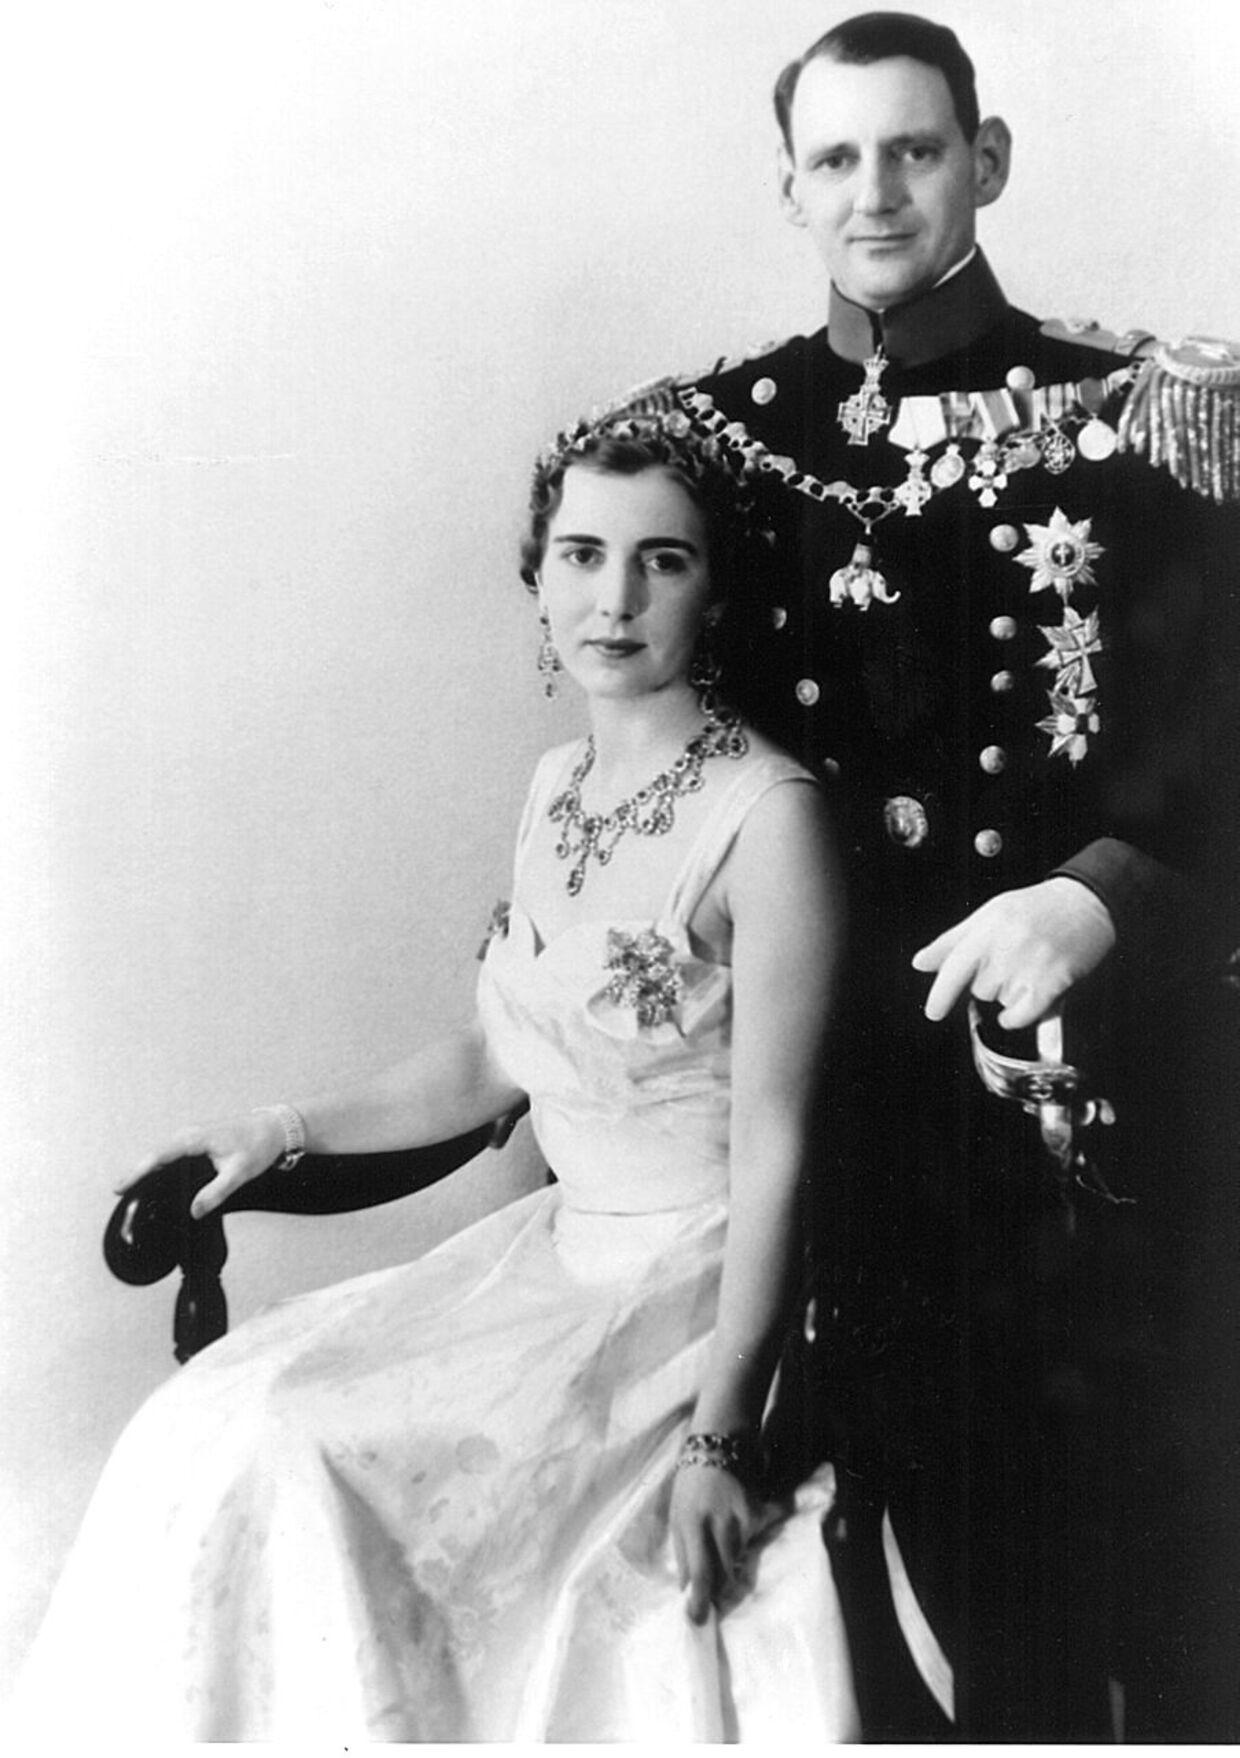 Selv om kongelige ægteskaber i første halvdel af 1900-tallet ikke altid var helt frivillige, så var ægteskabet mellem Frederik IX og Dronning Ingrid utroligt vellykket, mener historiker Sebastian Olden-Jørgensen.